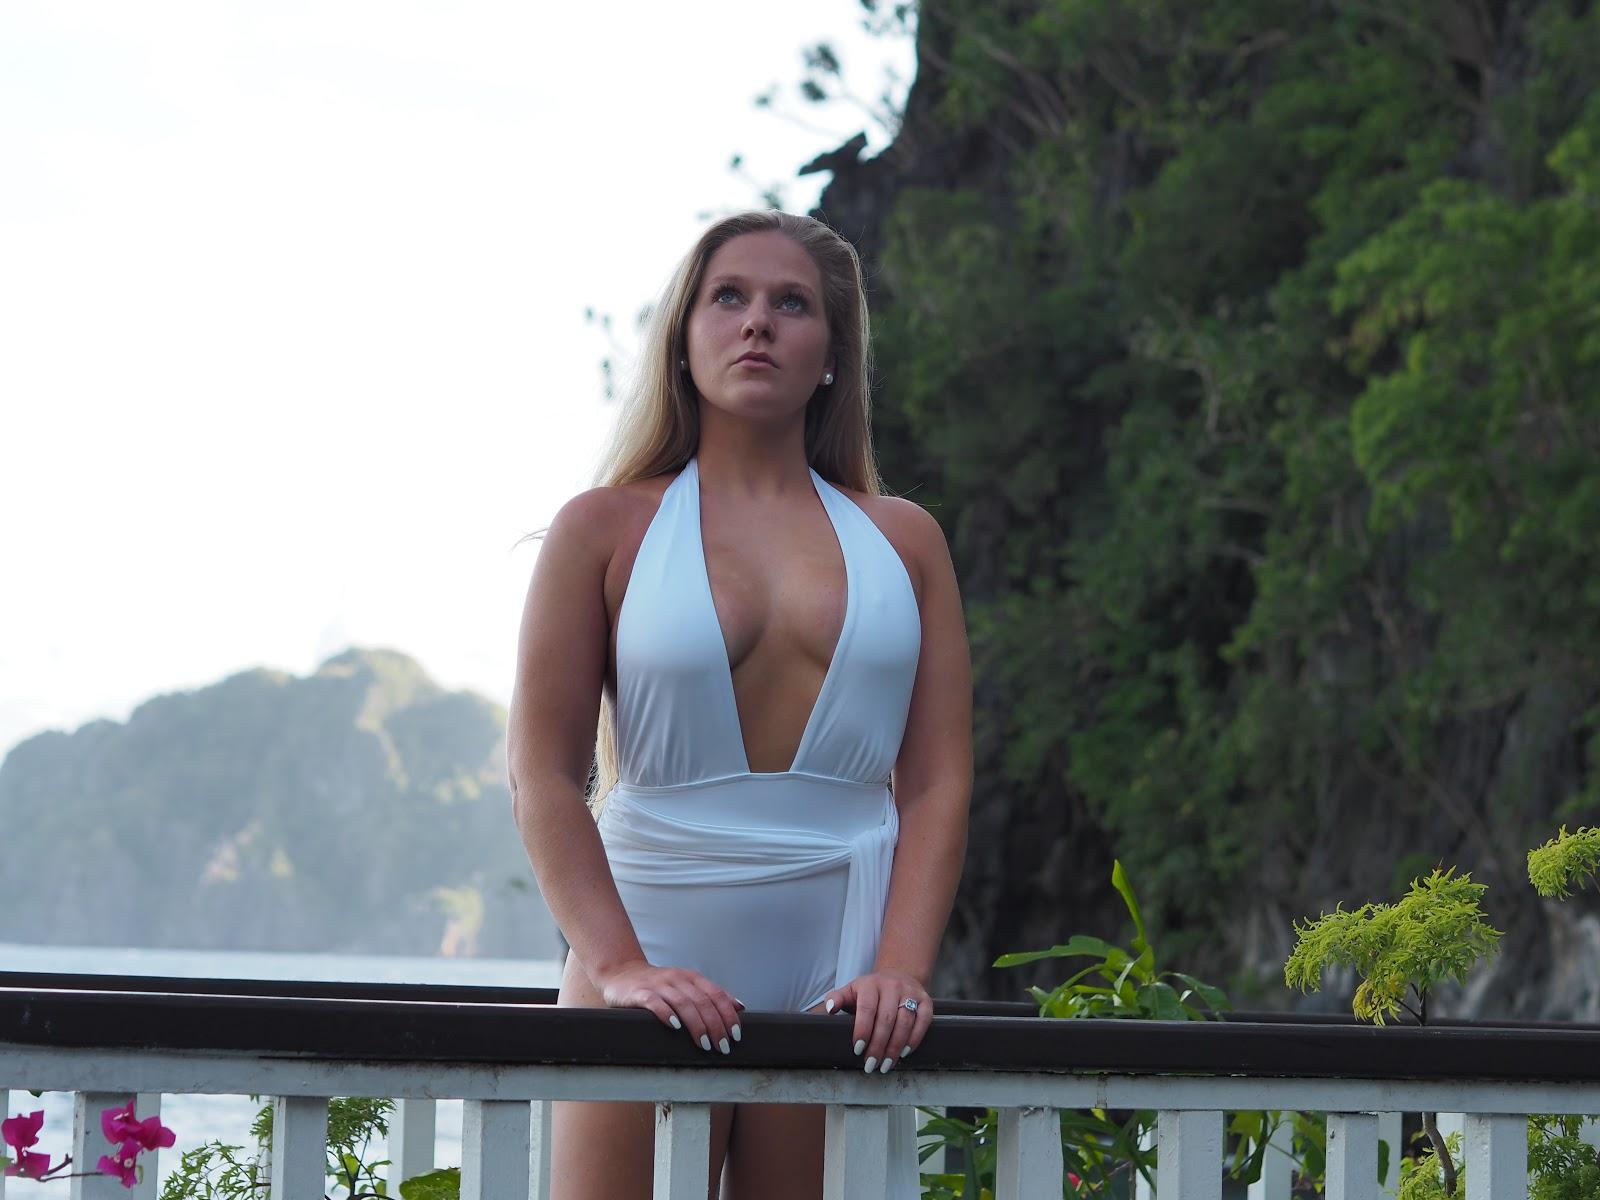 Blonde girl in white swimsuit